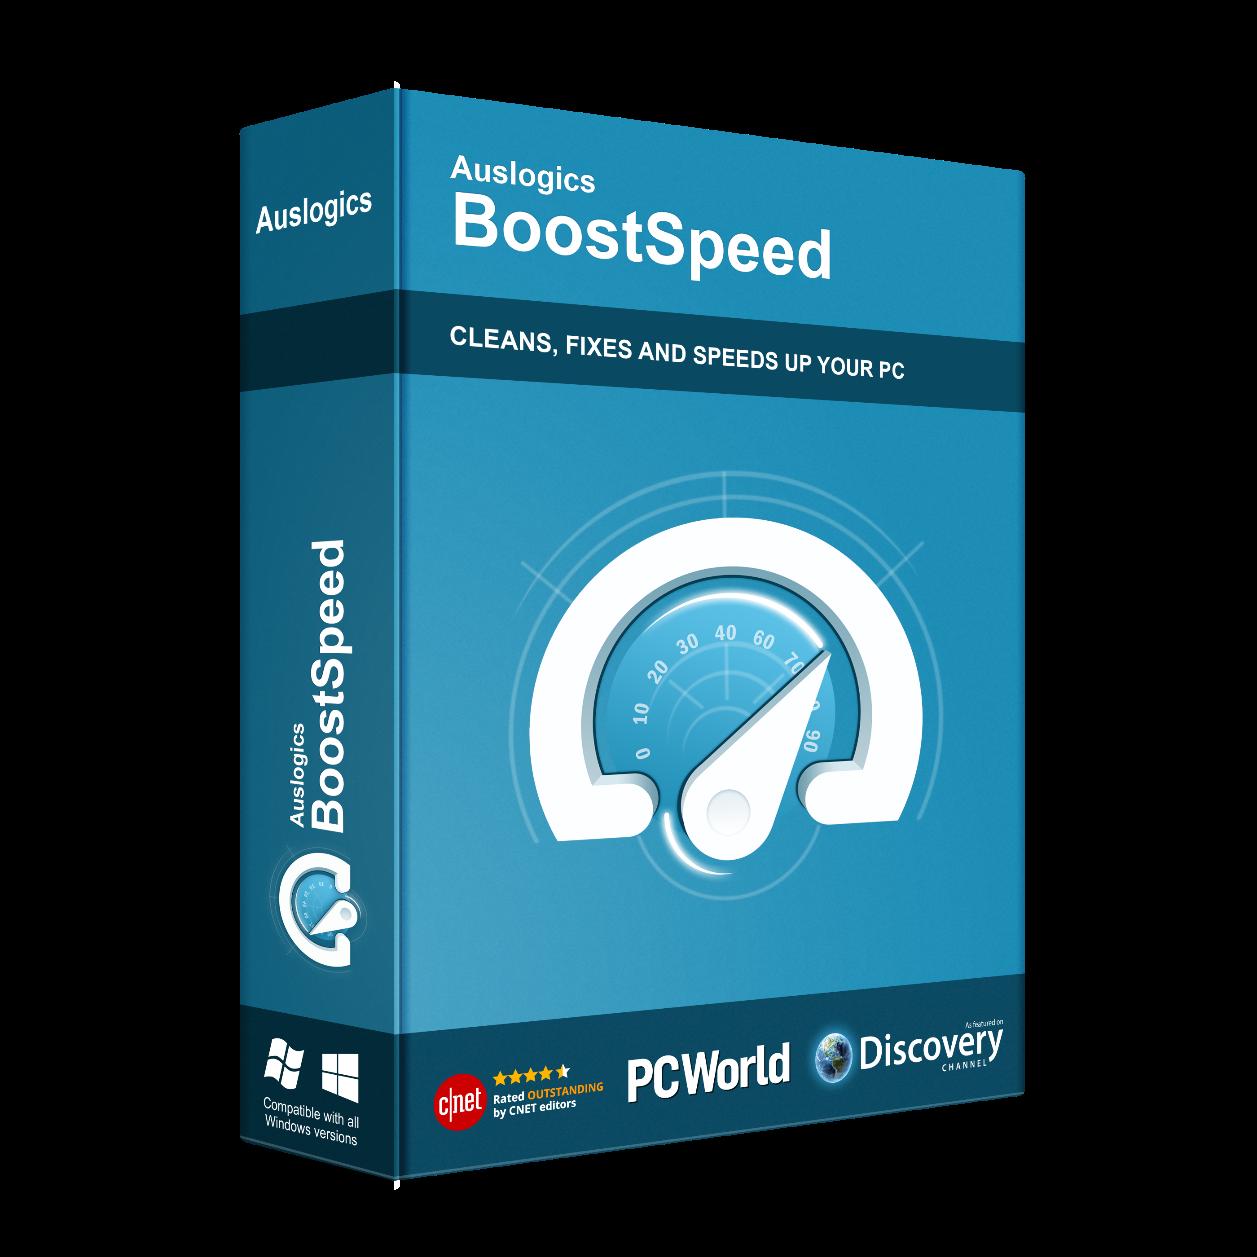 Auslogics BoostSpeed 11 Box